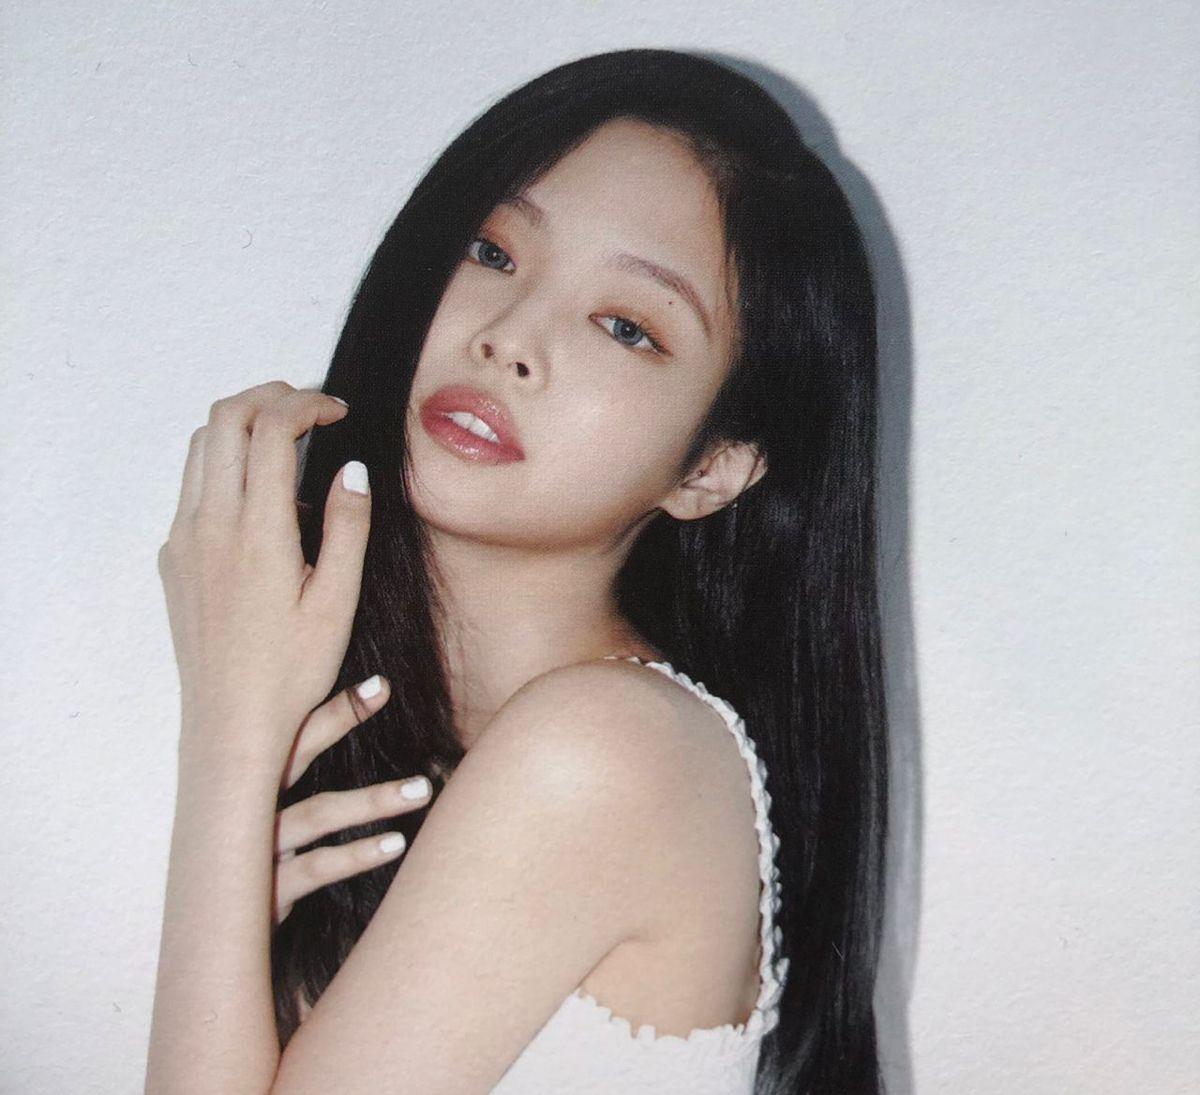 جيني Jennie In 2020 Blackpink Jennie Blackpink Yg Entertainment